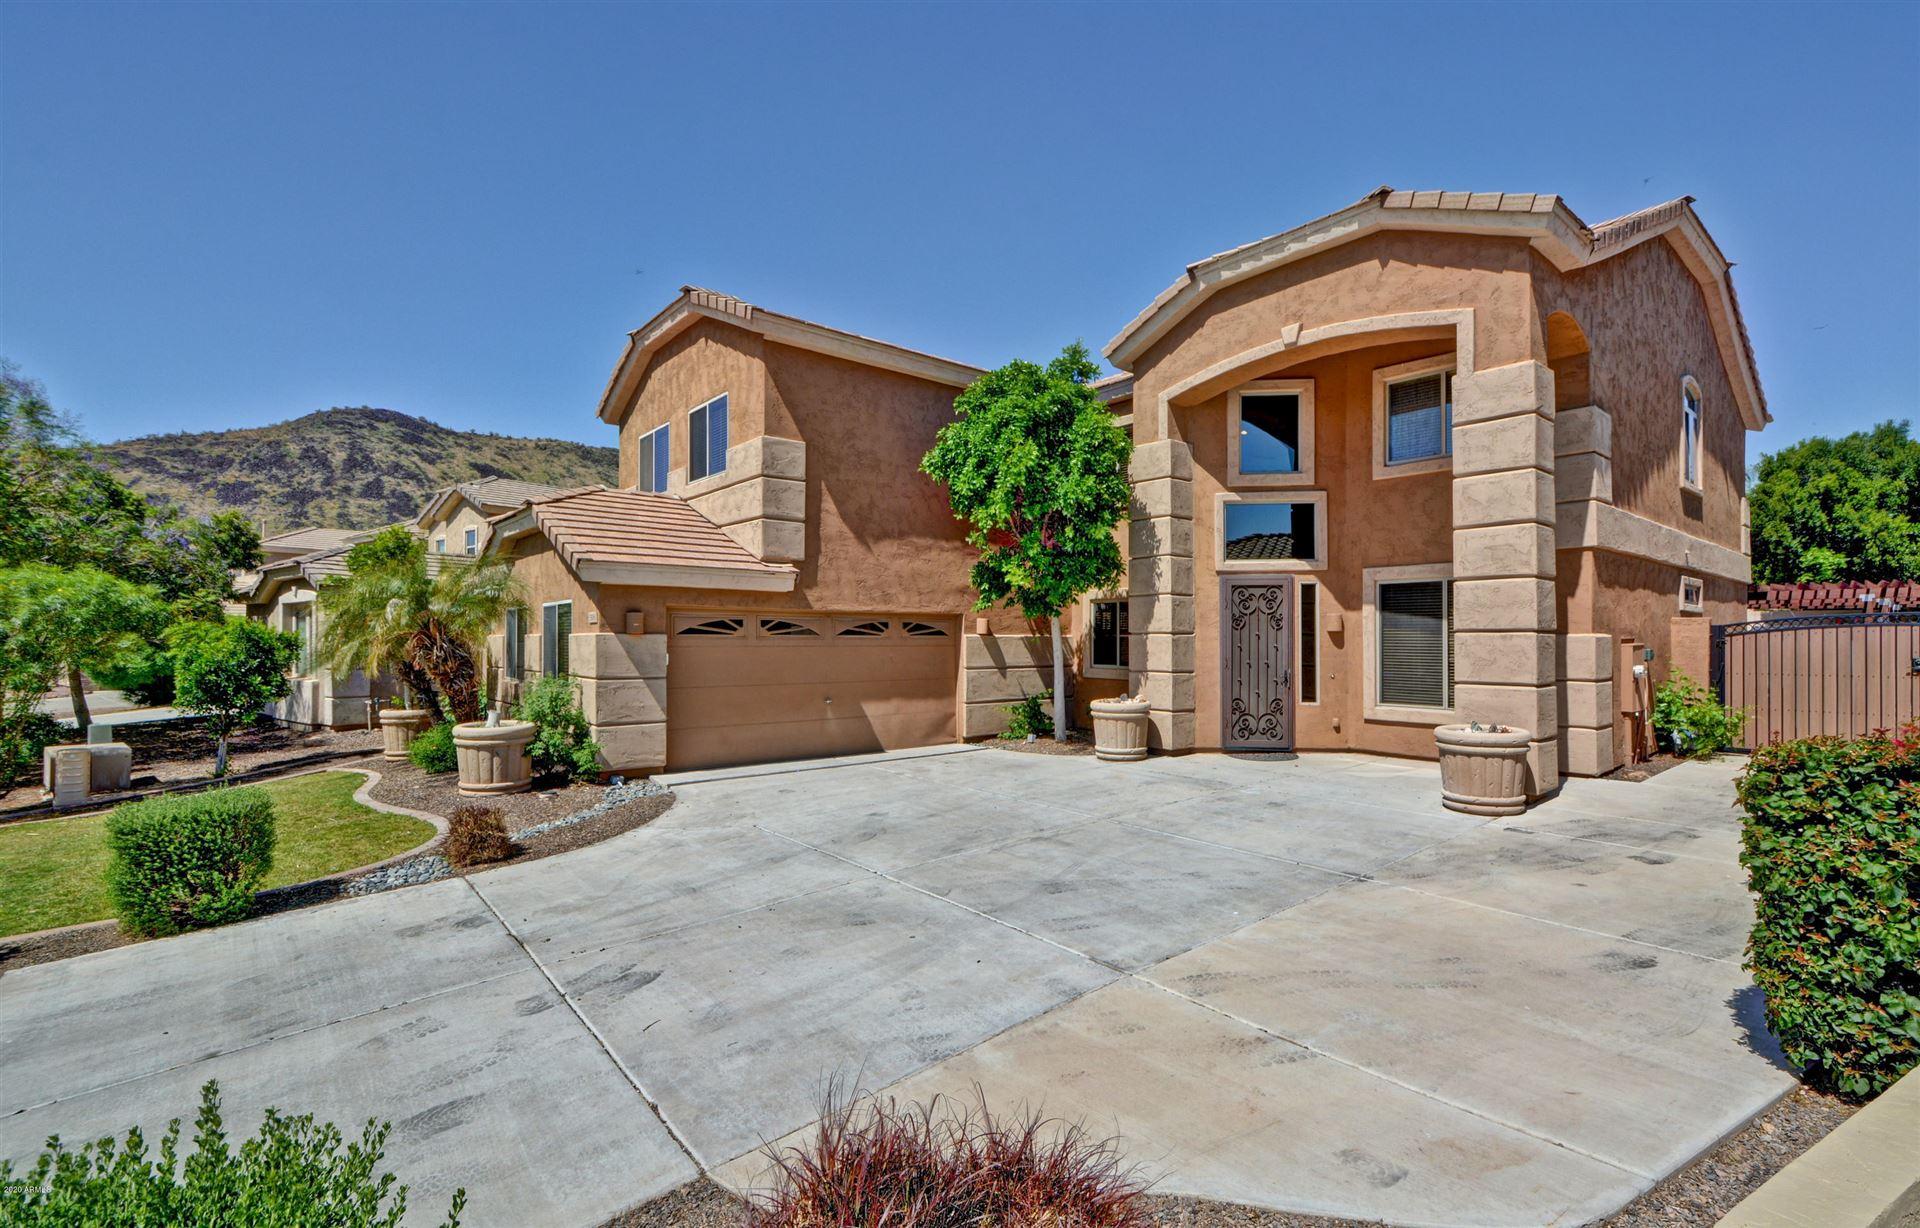 5506 W TETHER Trail, Phoenix, AZ 85083 - #: 6069507